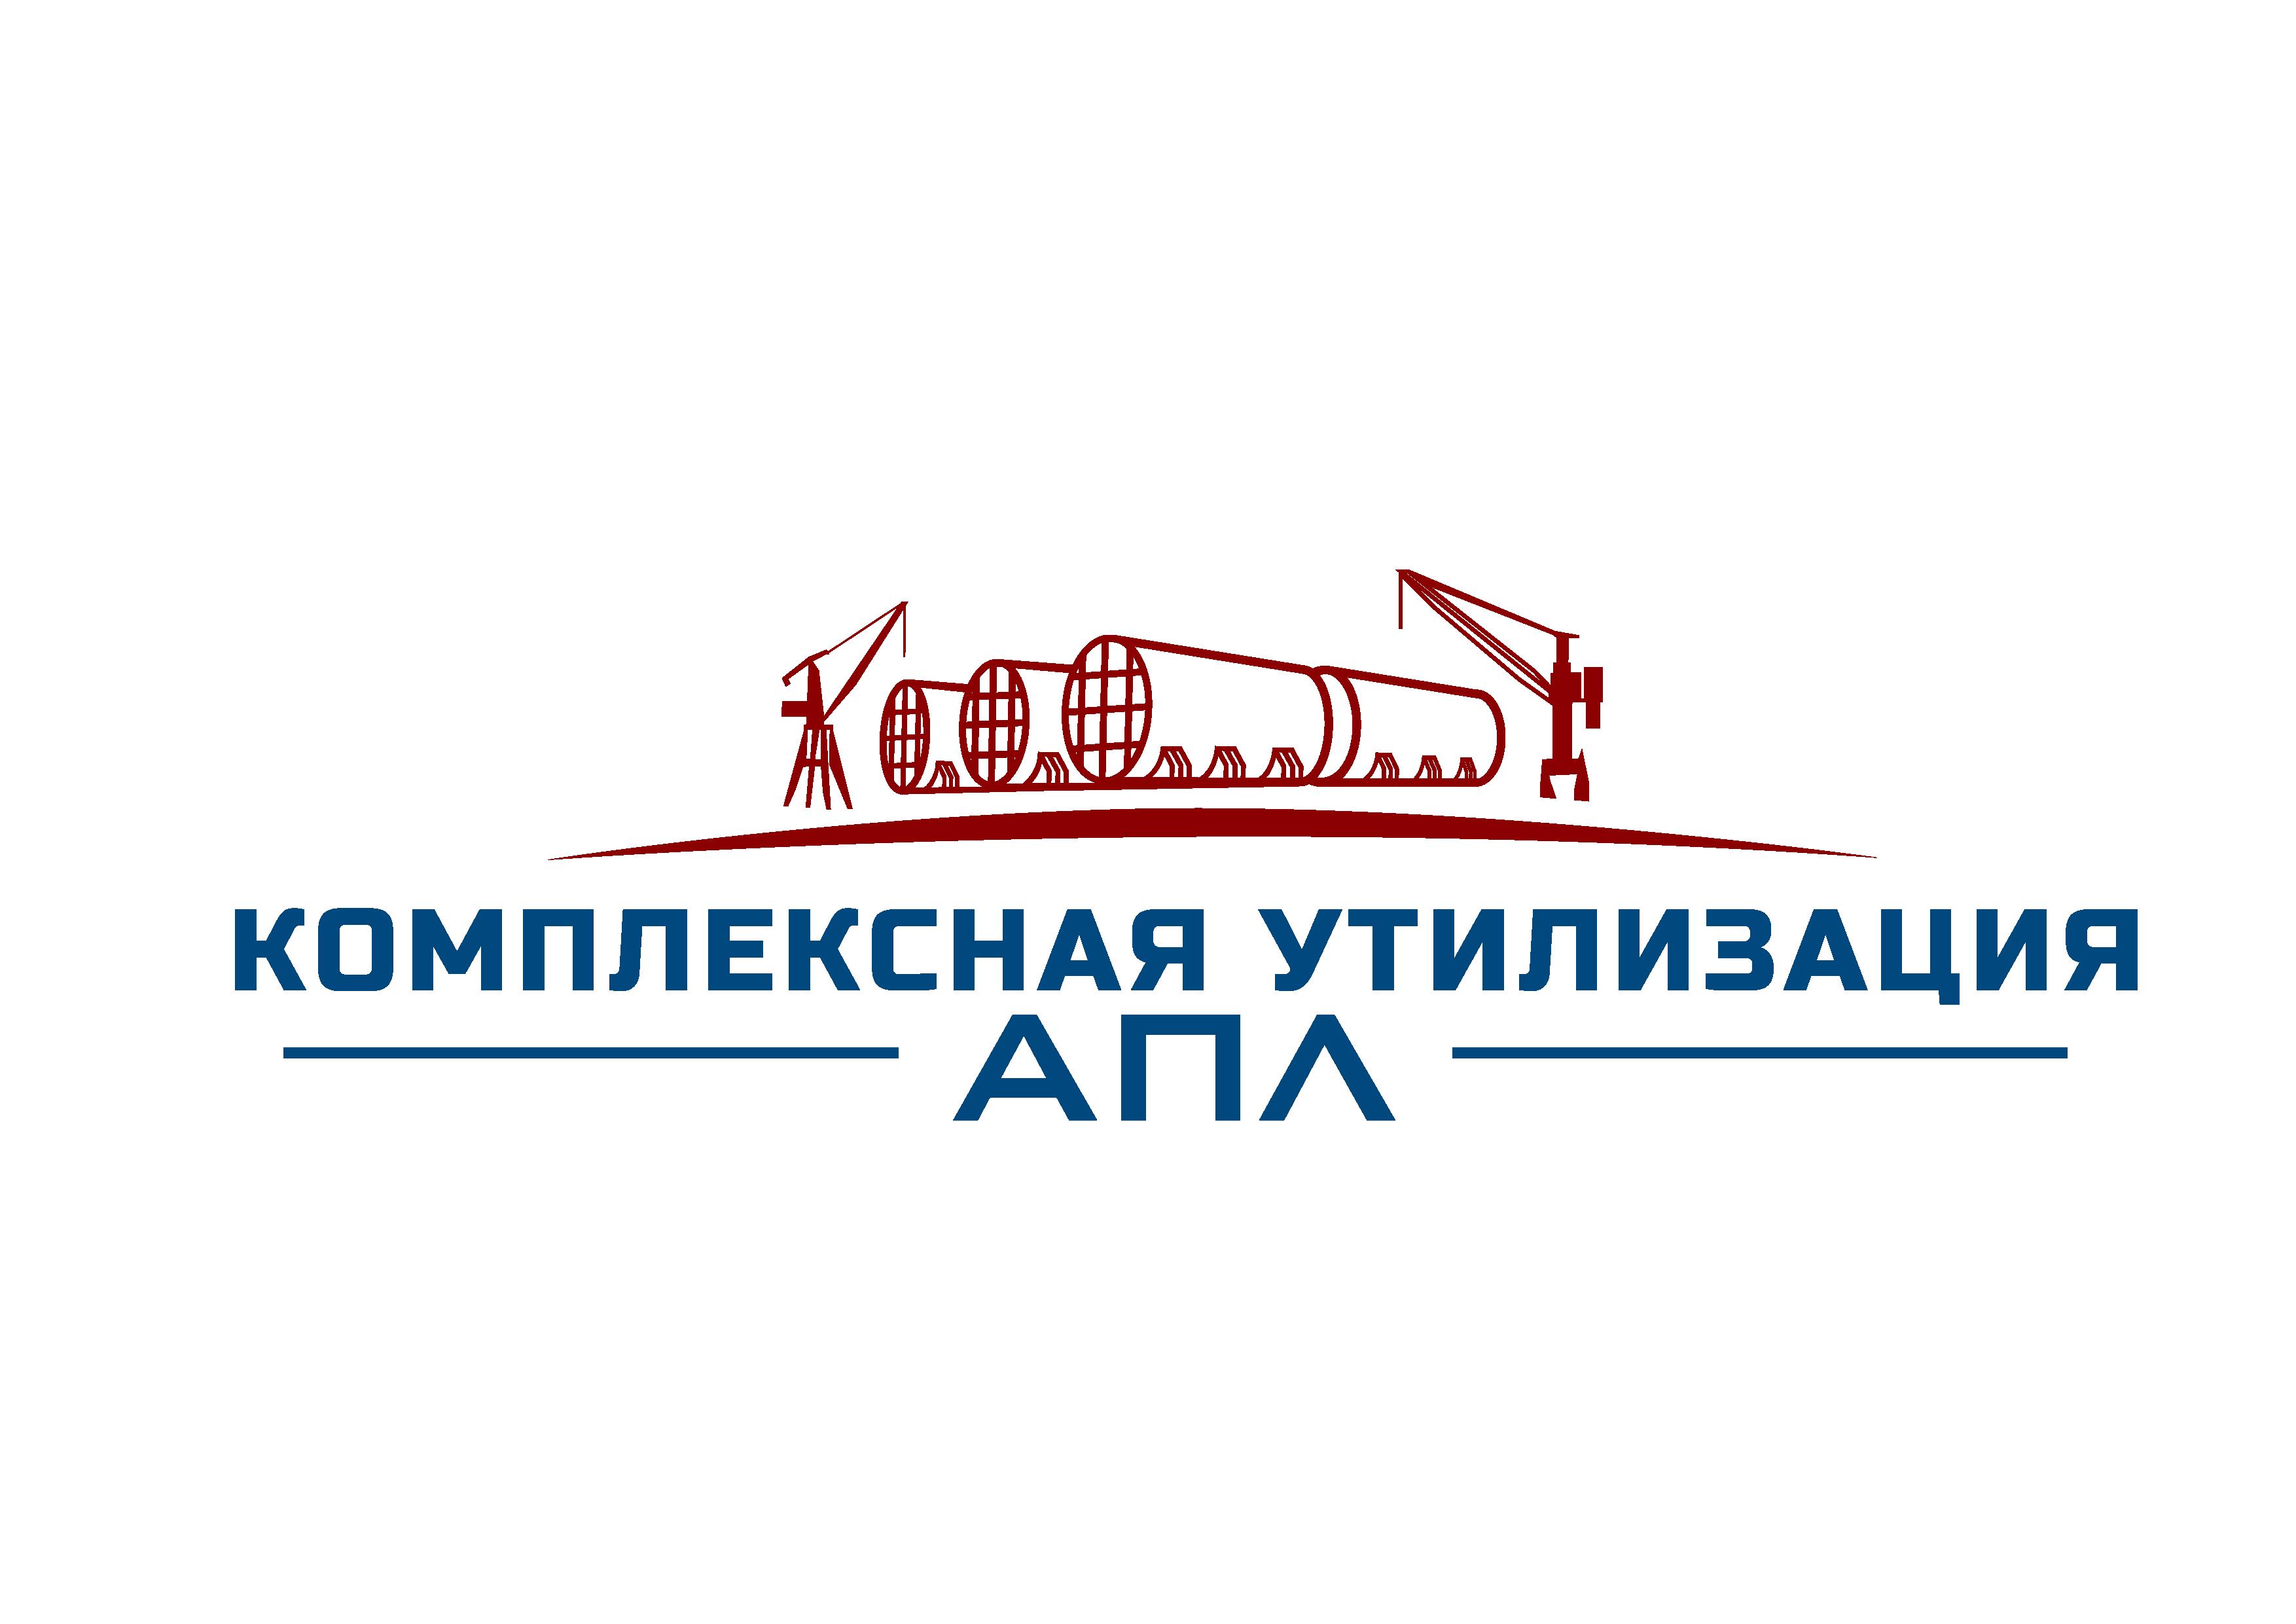 """""""Комплексная утилизация АПЛ"""" - cайт об утилизации атомных подводных лодок и реабилитации береговых технических баз"""